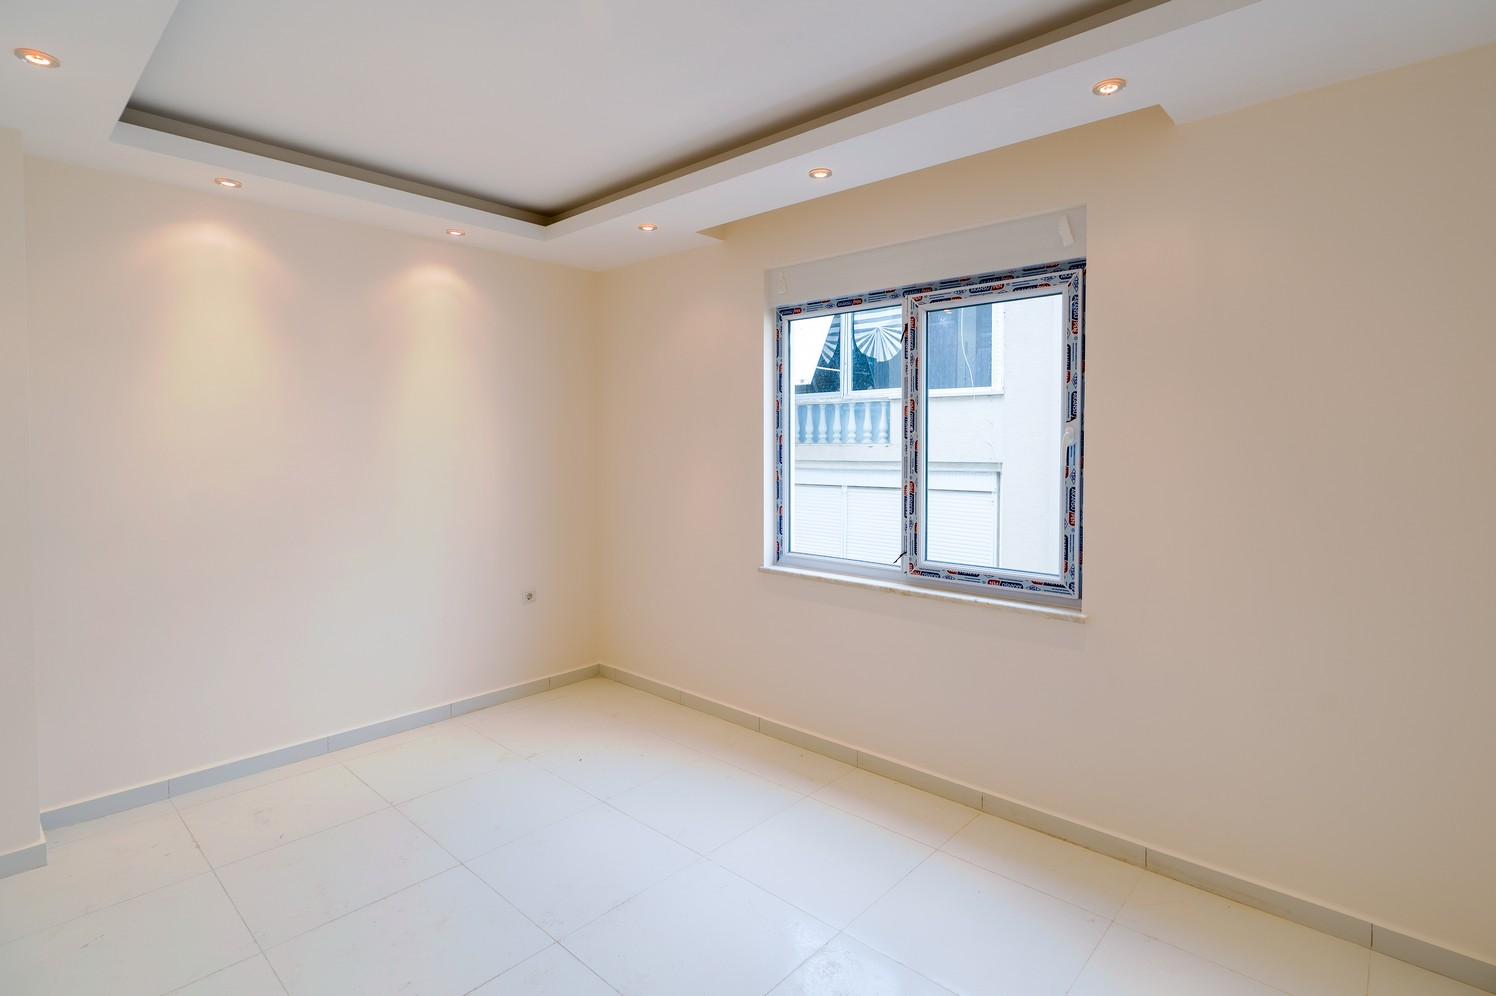 Инвестиция в просторные квартиры и пентхаусы - Фото 16